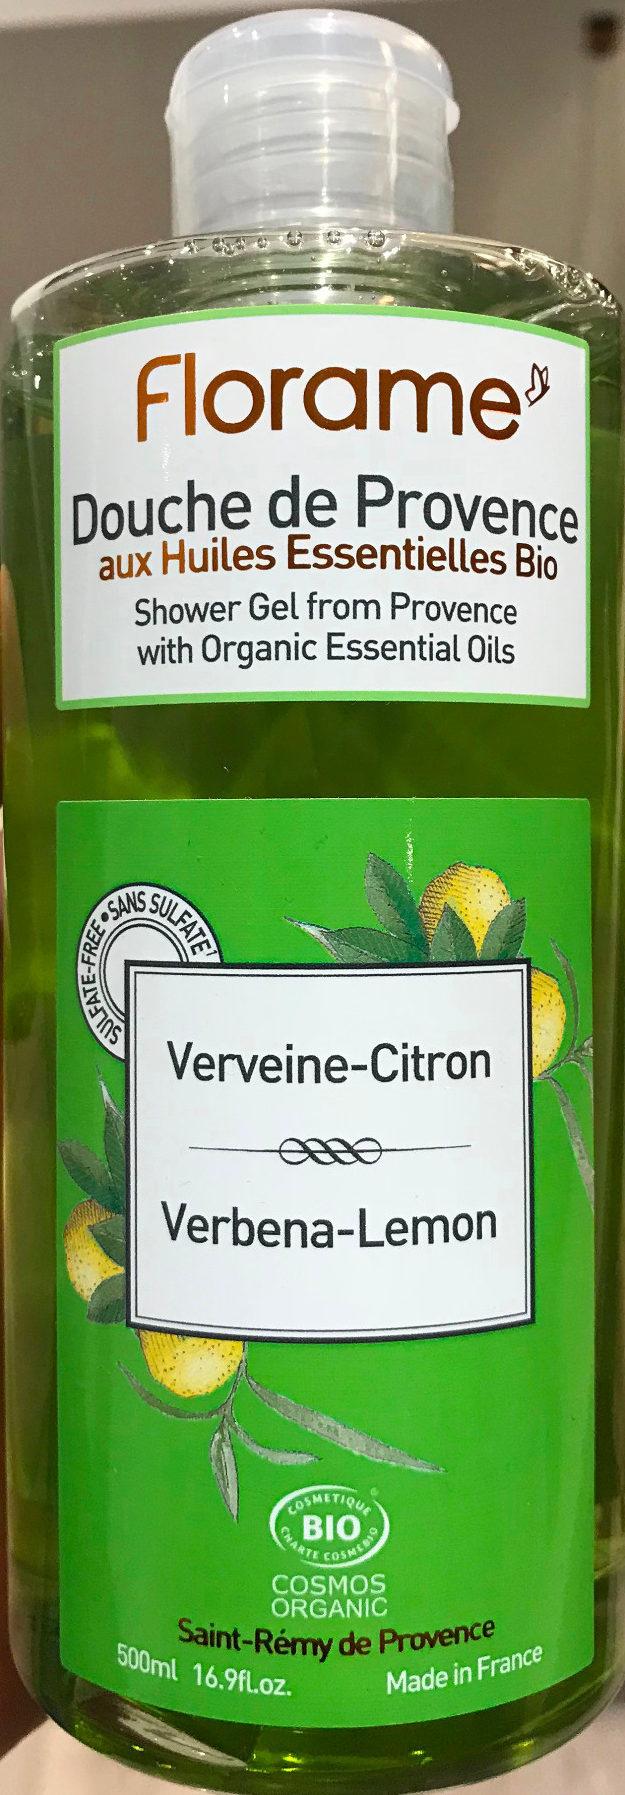 Douche de Provence aux huiles essentielles bio Verveine-Citron - Produit - fr